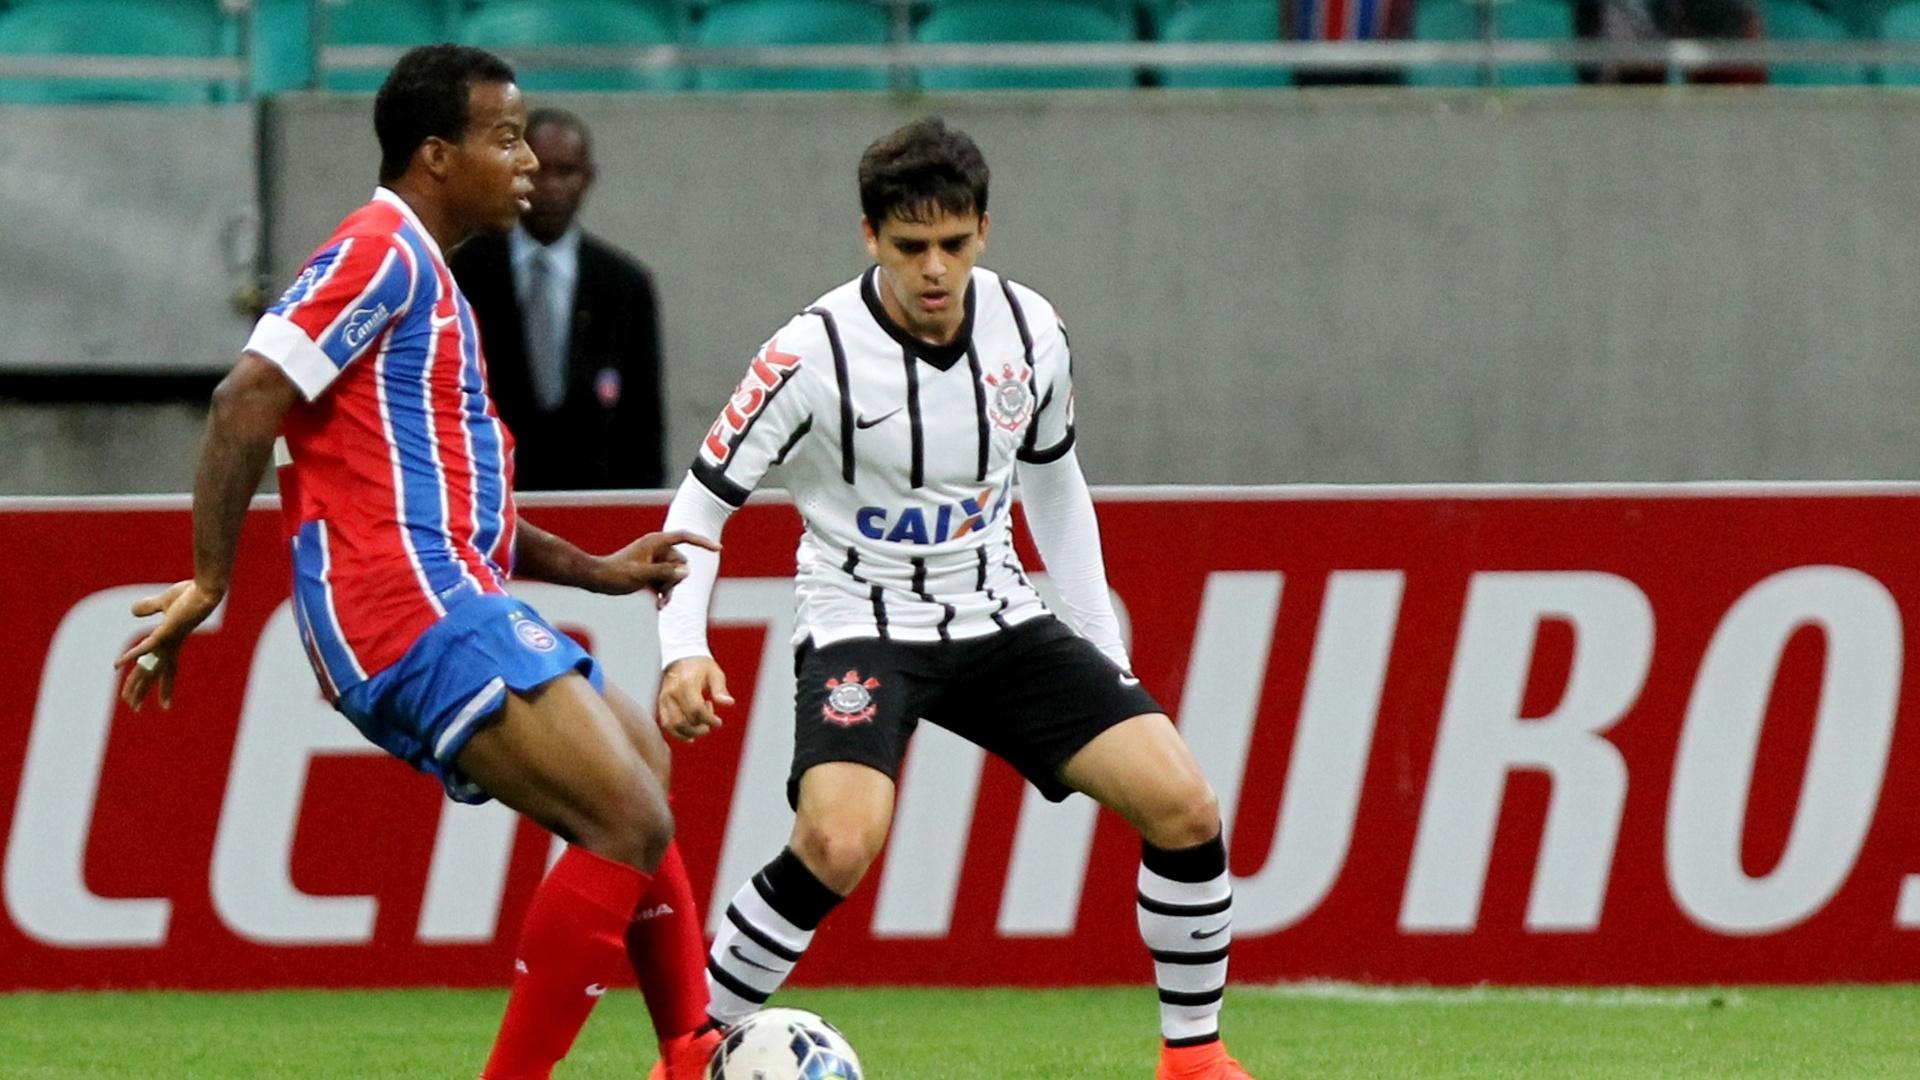 Fagner atento na marcação do jogador do Bahia em jogo do Corinthians pela Copa do Brasil